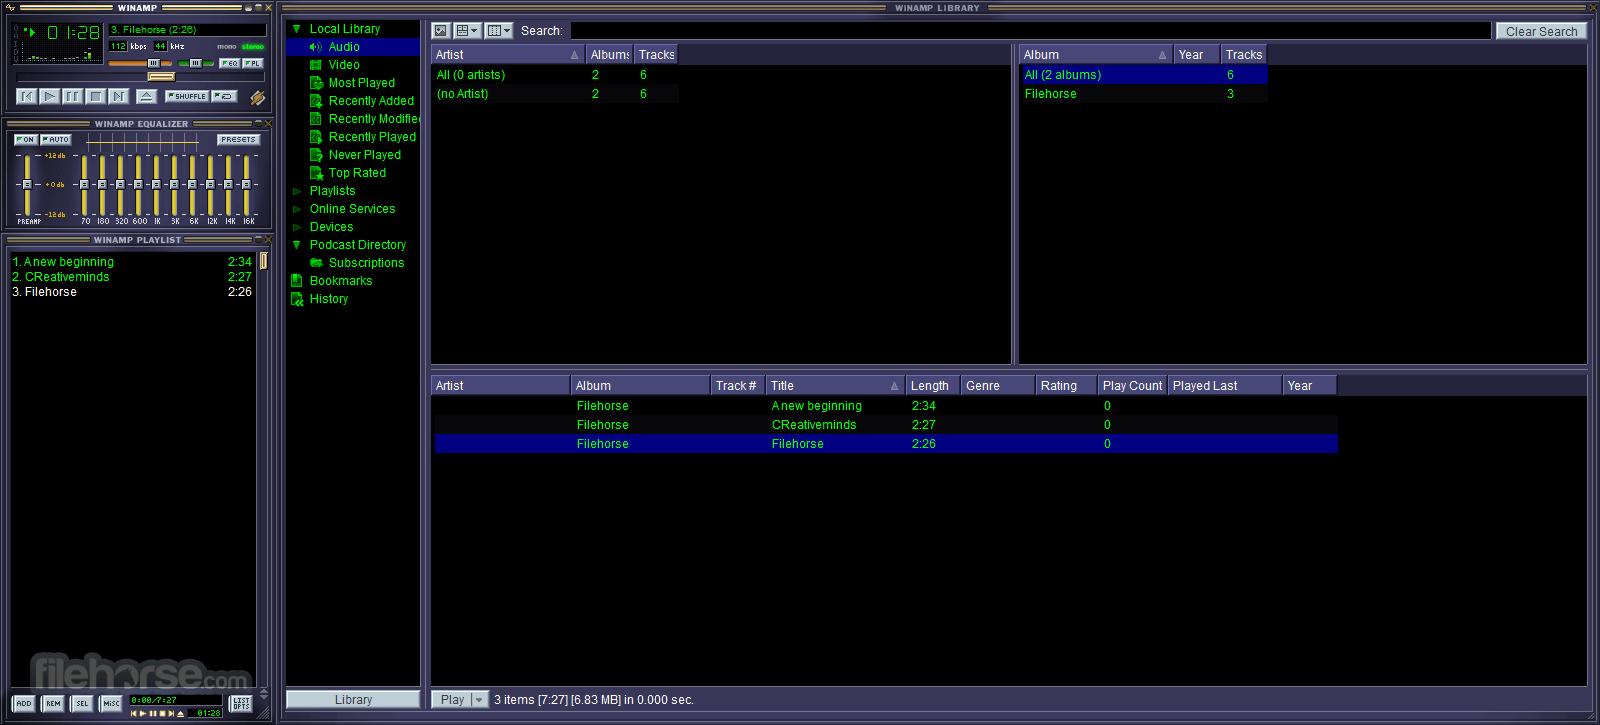 Winamp 5.666 Full Build 3516 Screenshot 3